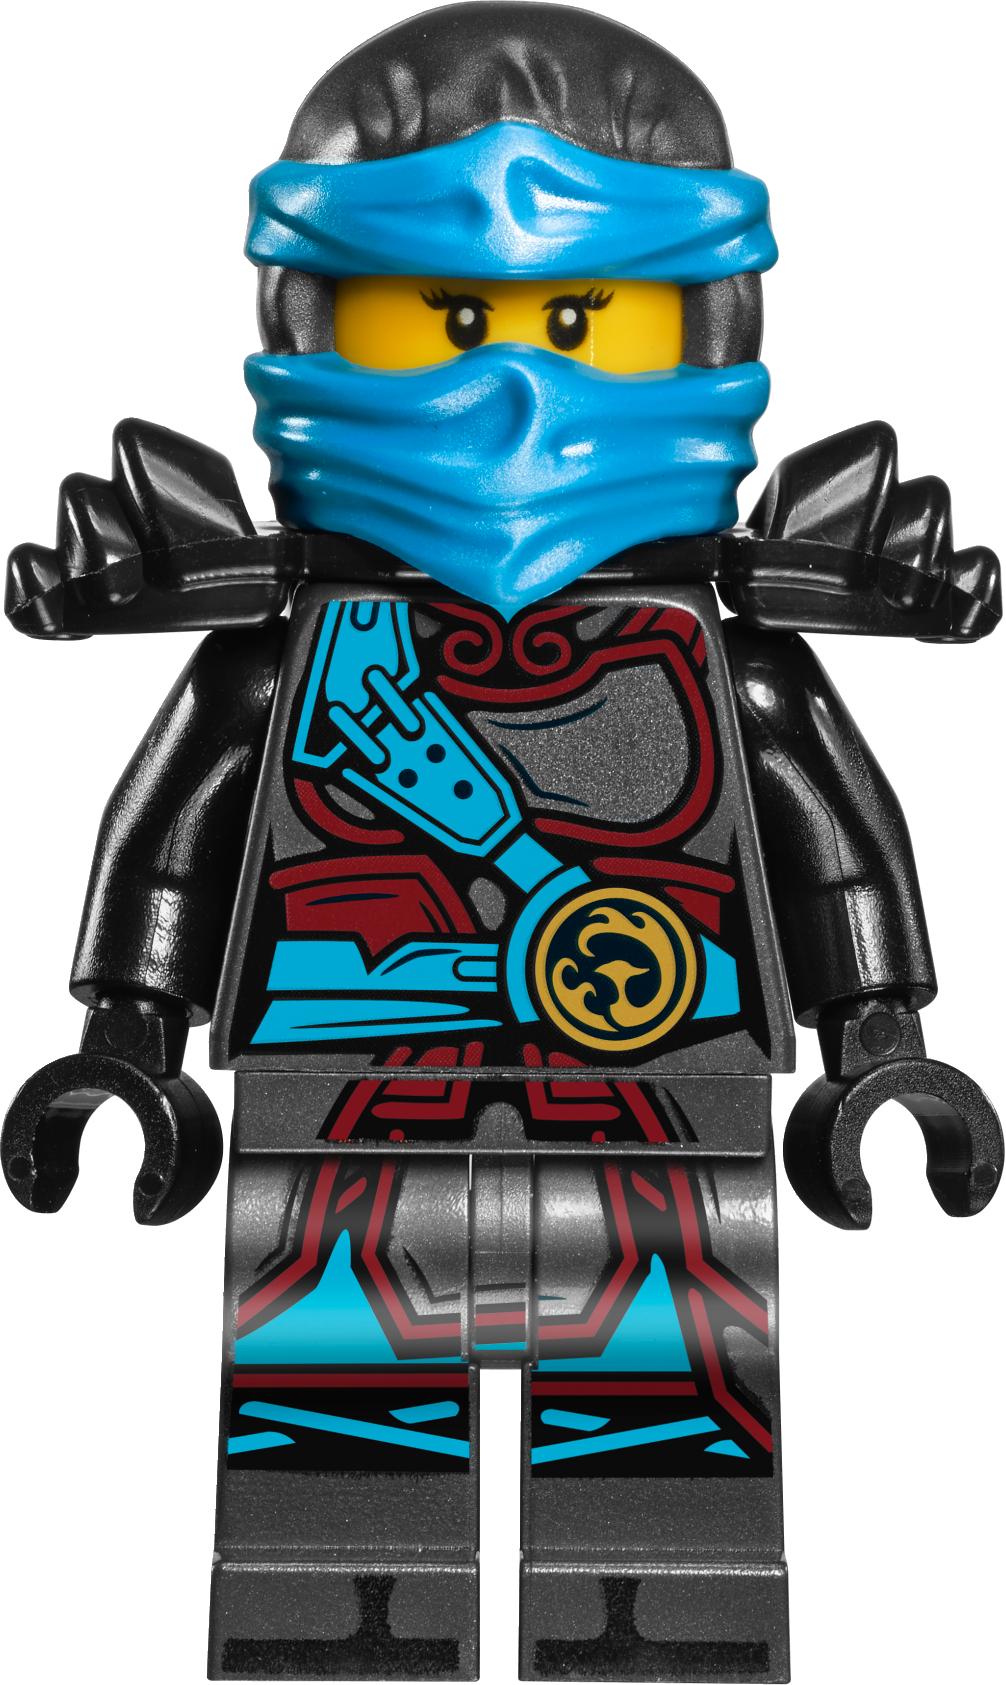 Samurai VXL